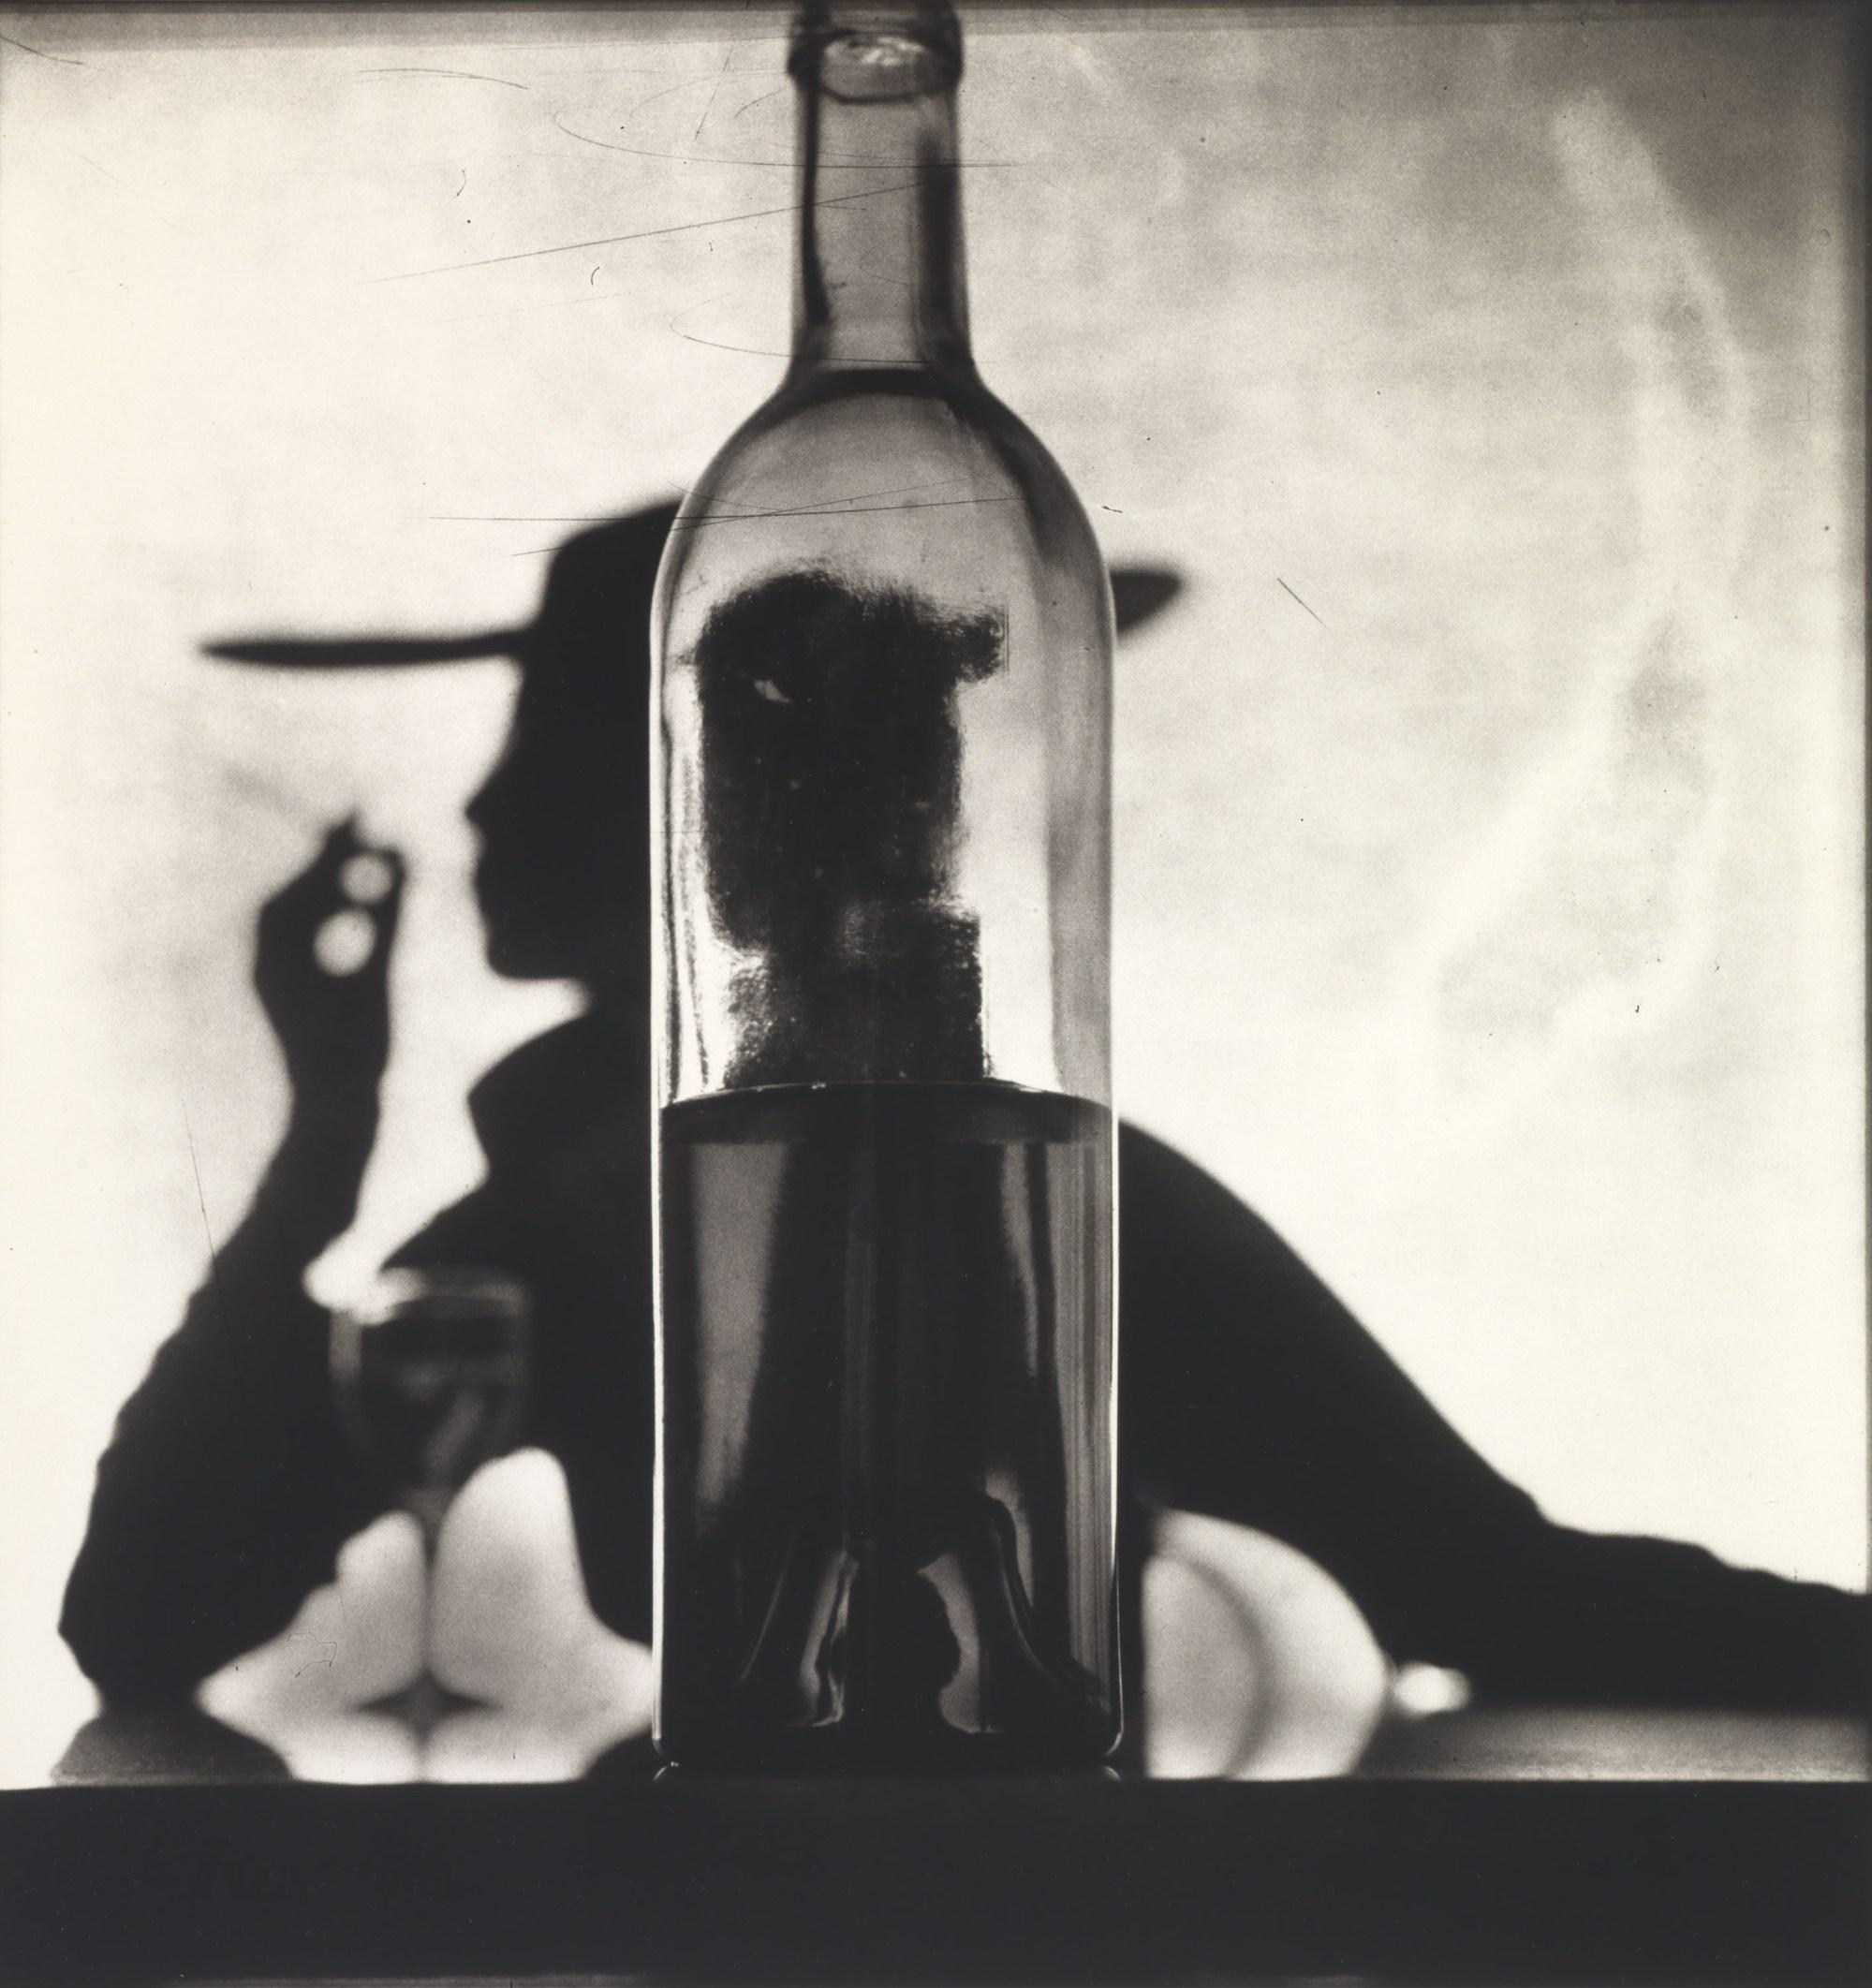 penn_girl_behind_bottle.jpg